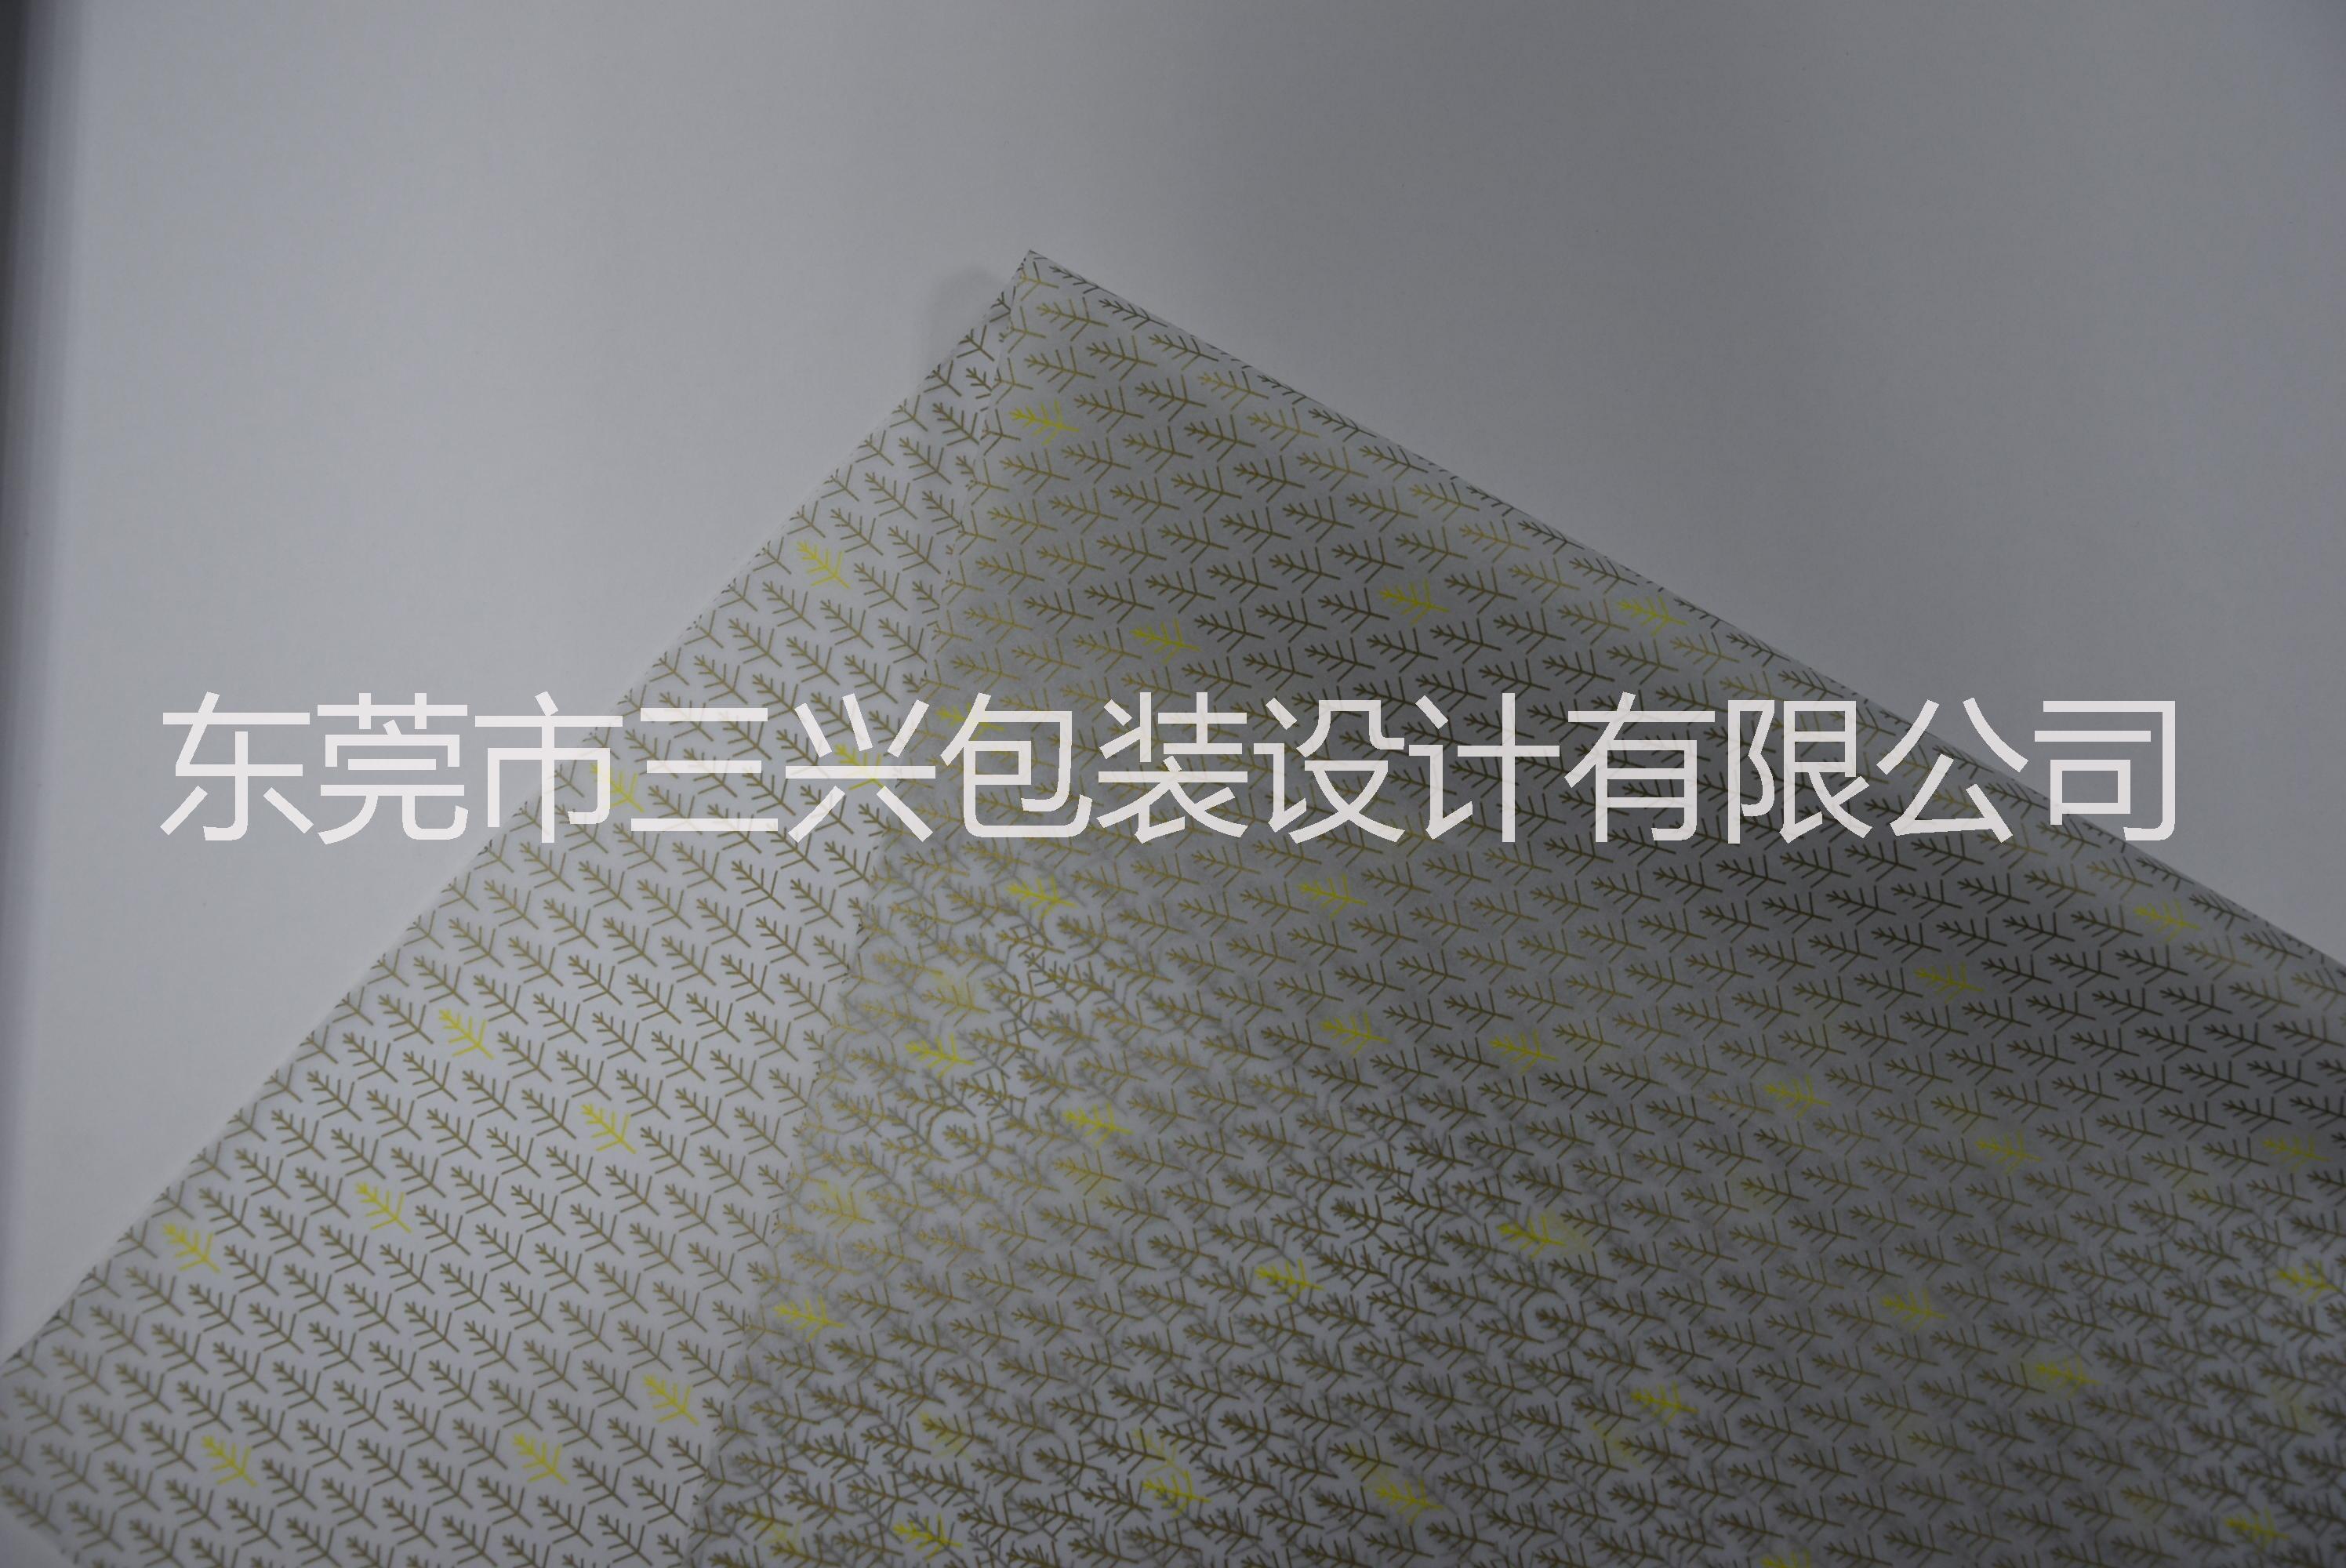 1-6色拷贝纸印刷/印刷拷贝纸LOGO图案